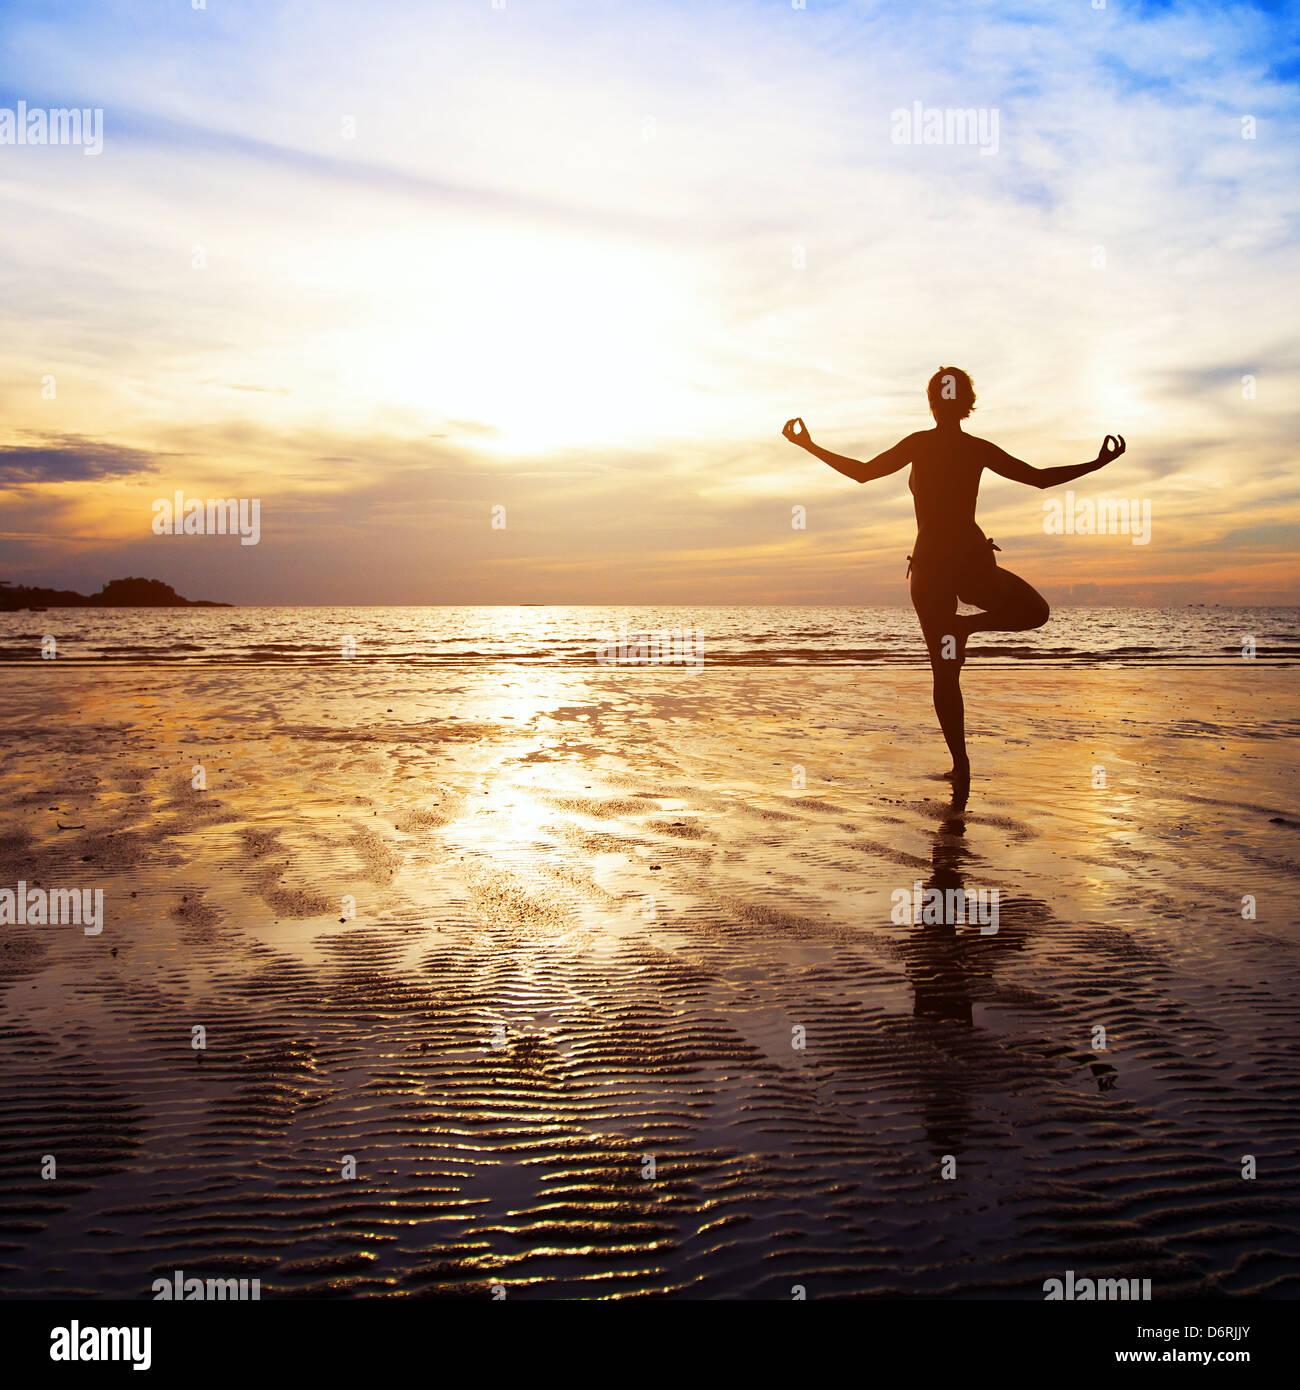 Concepto de bienestar, la hermosa puesta de sol en la playa, mujer practicando yoga Imagen De Stock